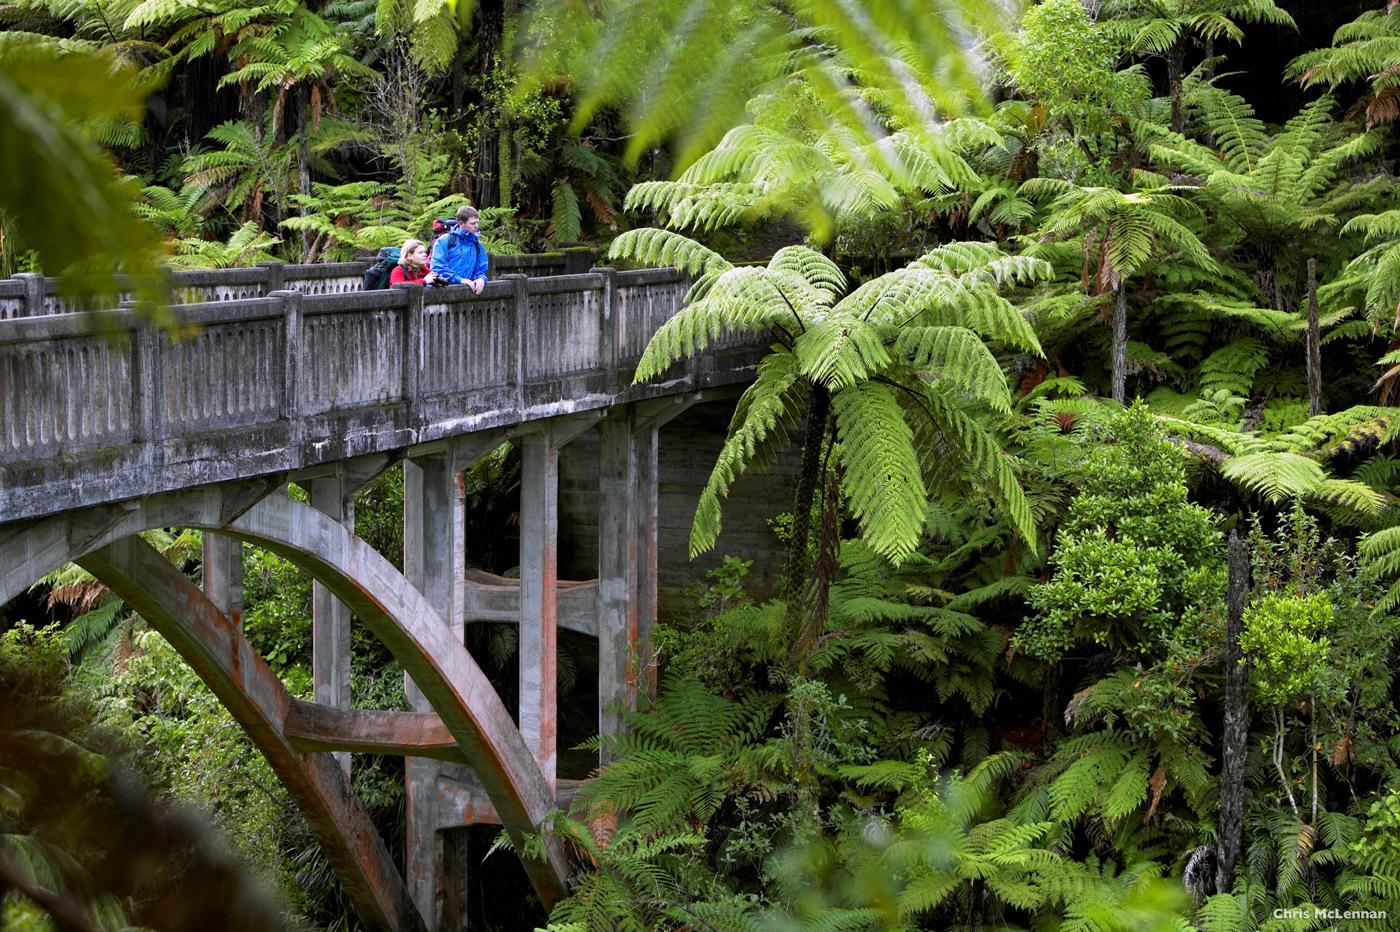 0jxHHDzLQtyiAa9K45Jh_AT44-Whanganui-National-Park-Whanganui-Chris-McLennan-1